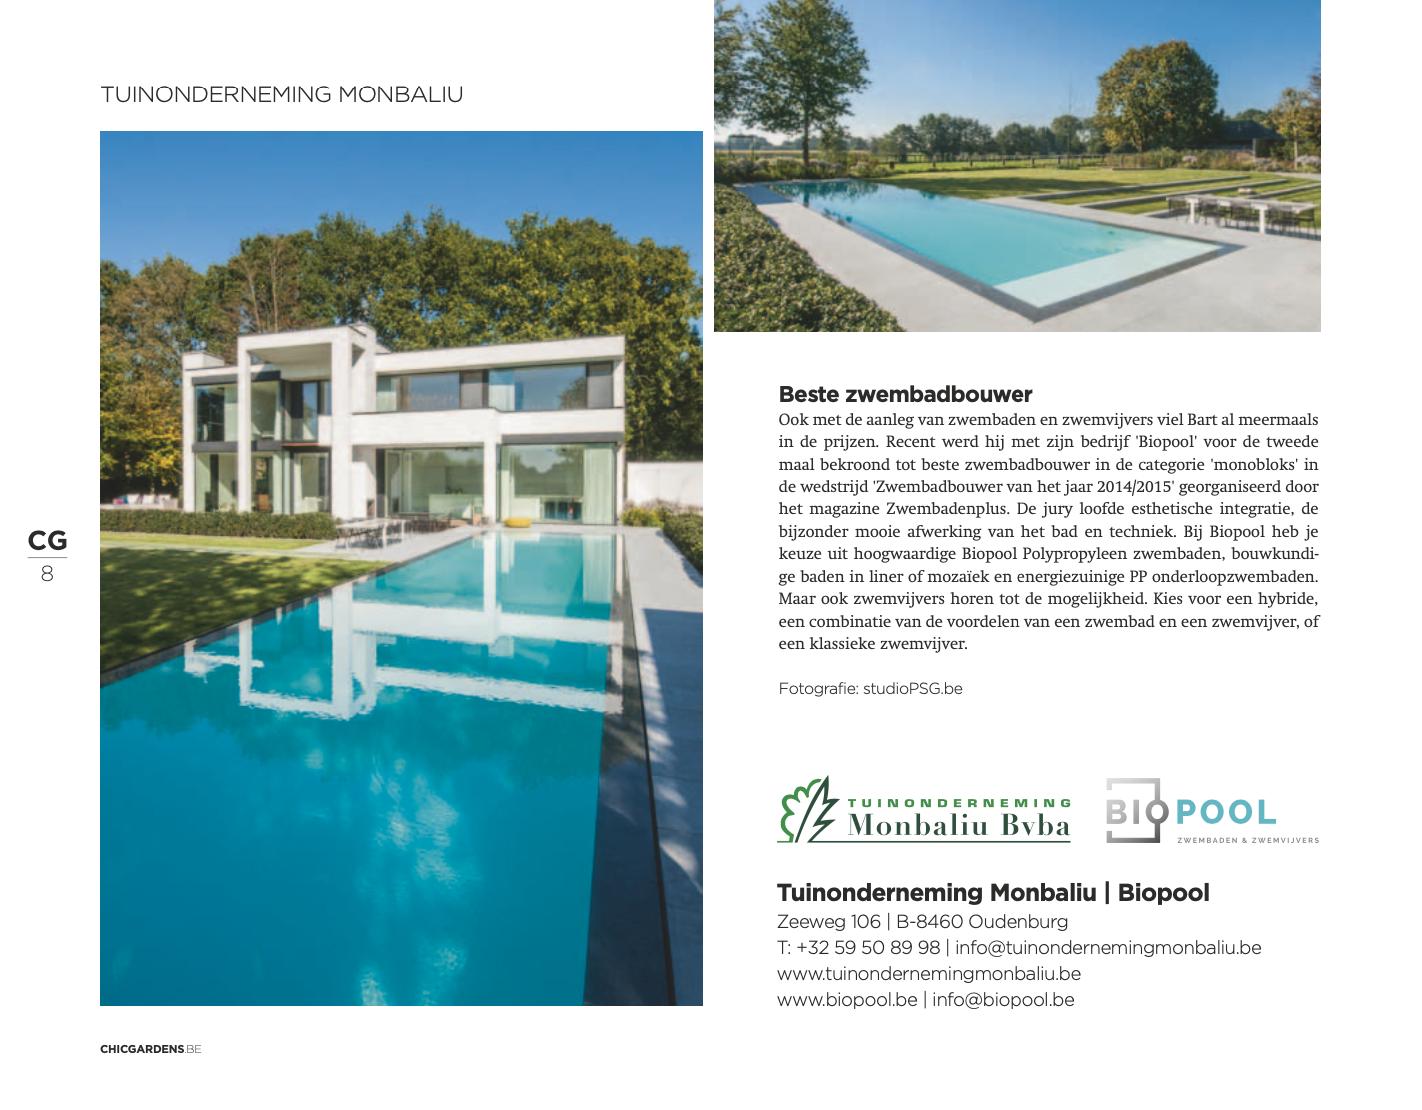 Afbeelding nieuwsitem Magazine 'Concept gardens' – bijlage regio West-Vlaanderen